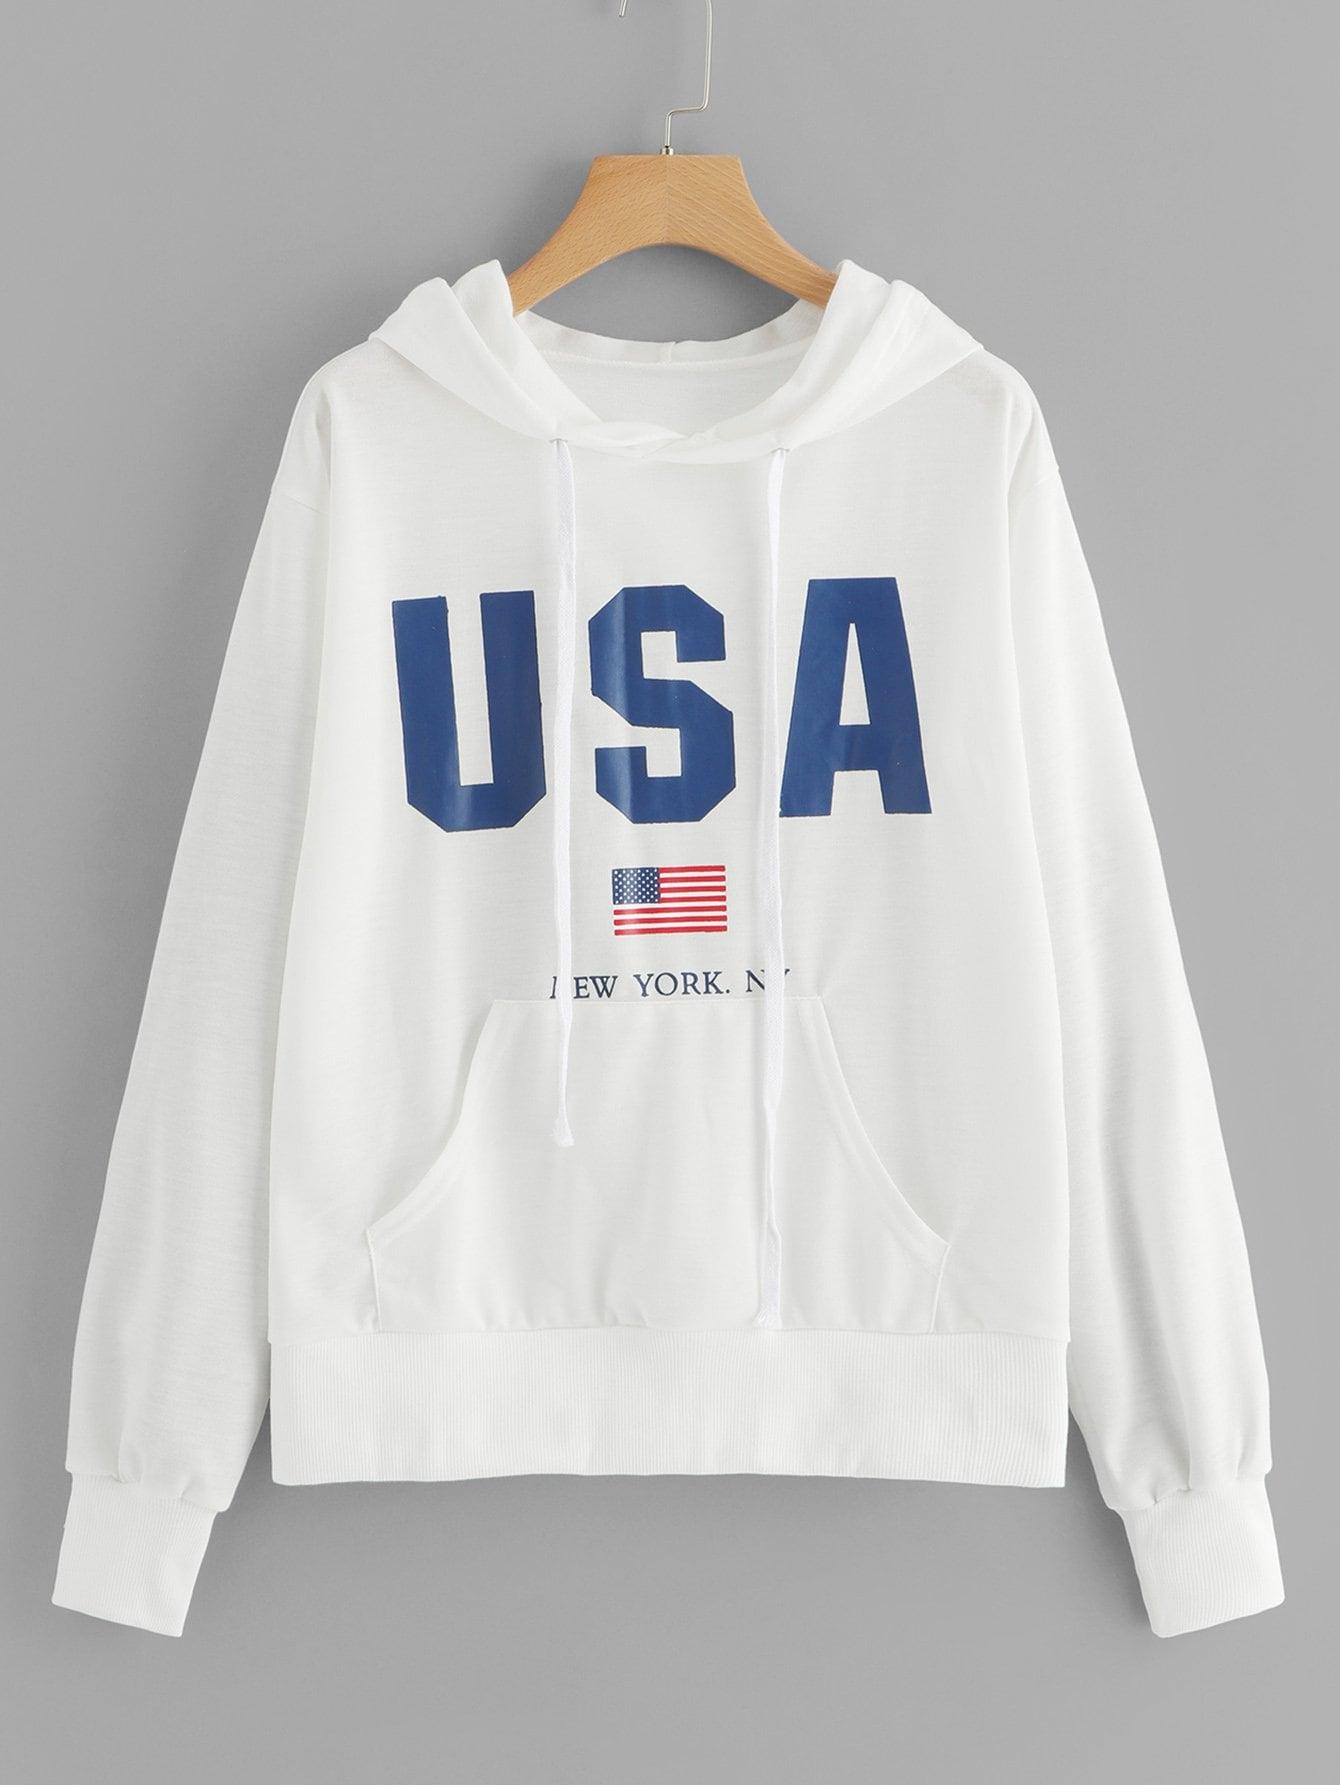 Повседневный Текст на кулиске Пуловеры Белый Свитшоты